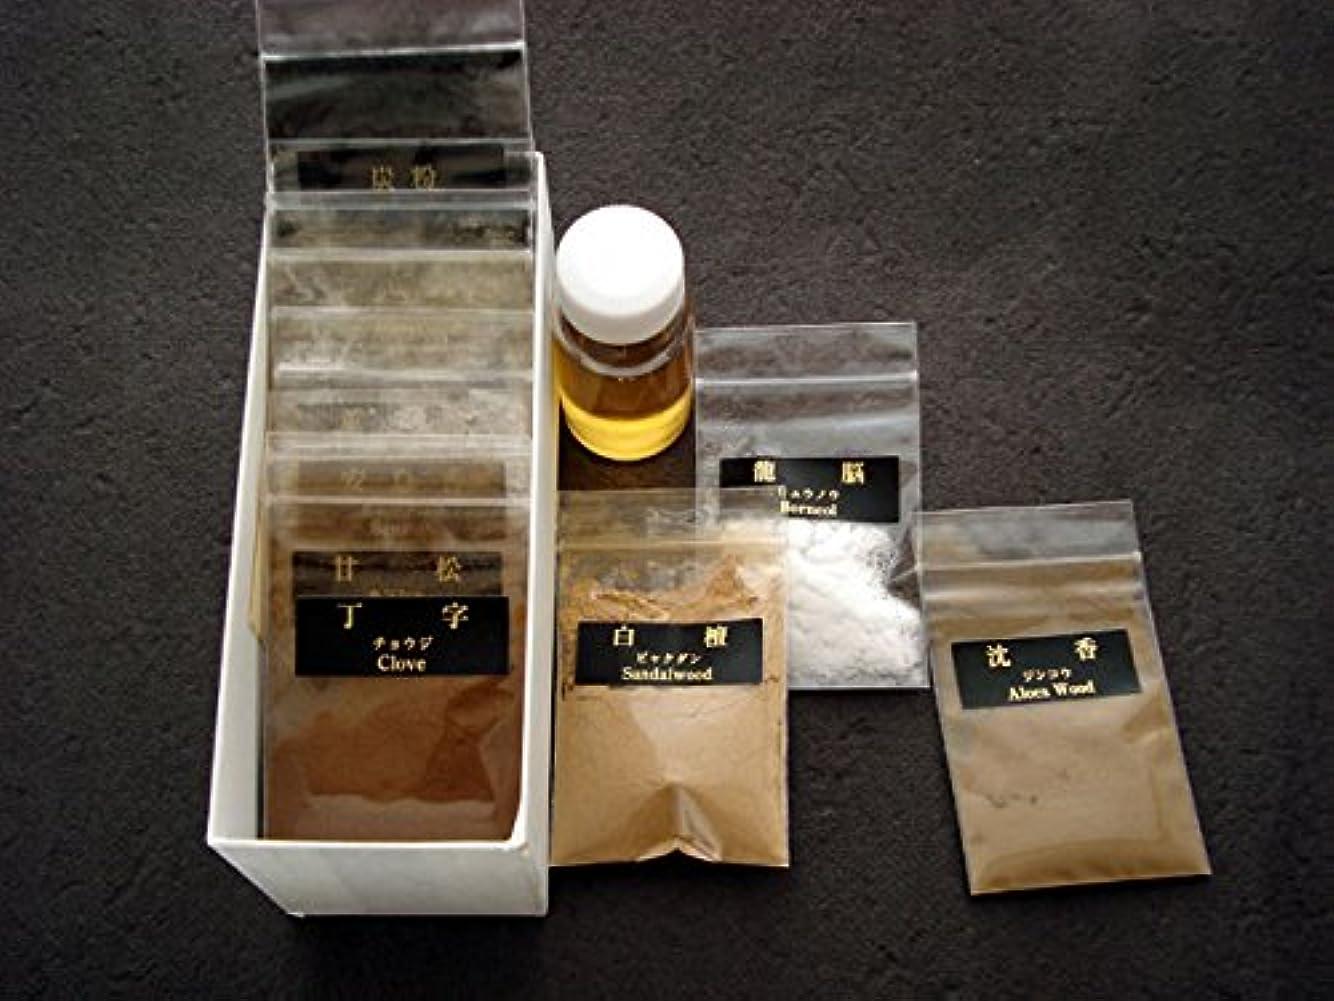 四回手つかずの本能オリジナルの香り 香り遊び 薫物(煉香) 香原料揃え 【練香】